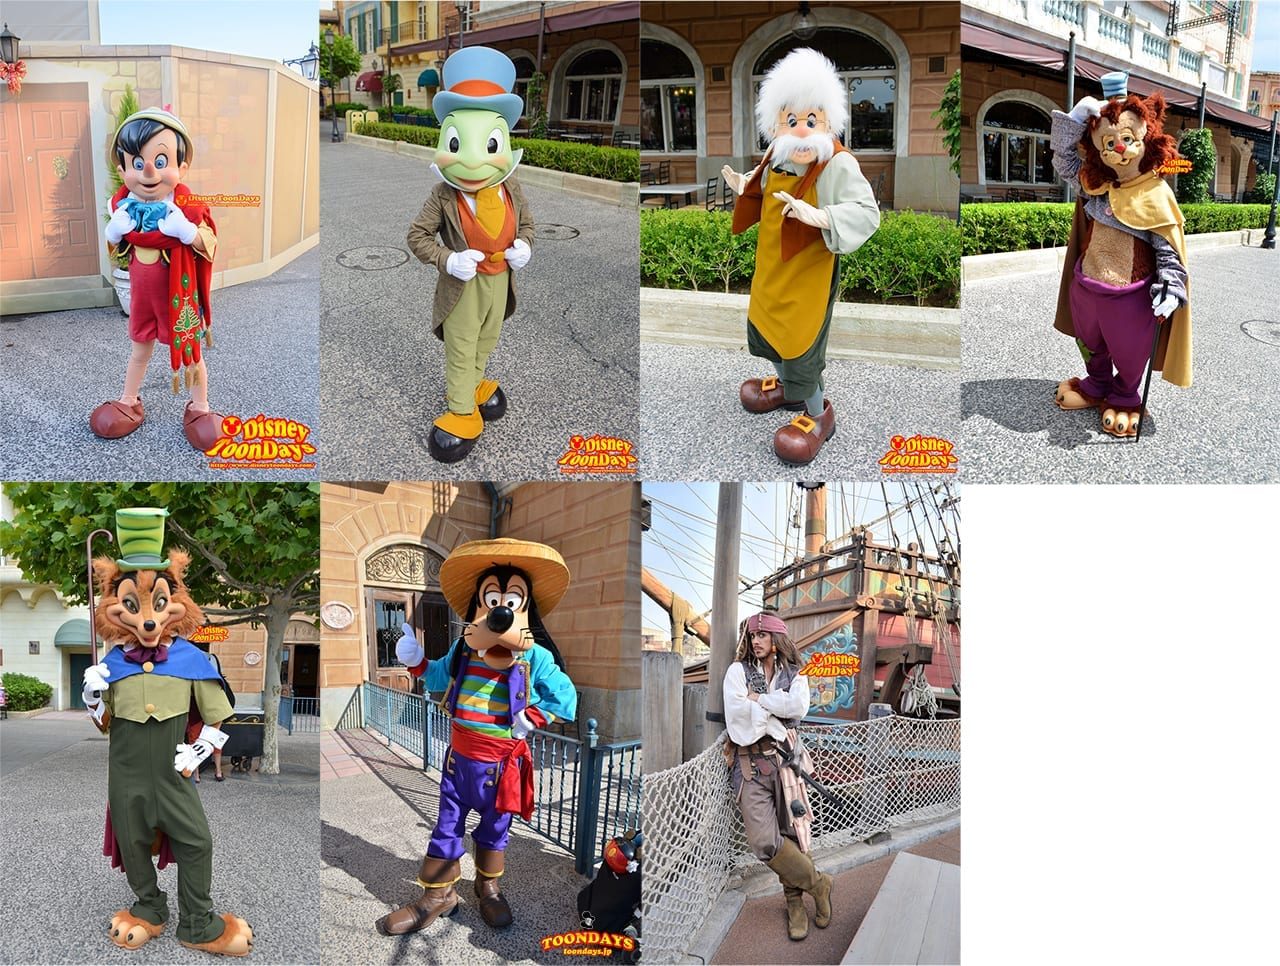 『メディテレーニアンハーバー』のグリーティングではピノキオやジャック・スパロウが登場